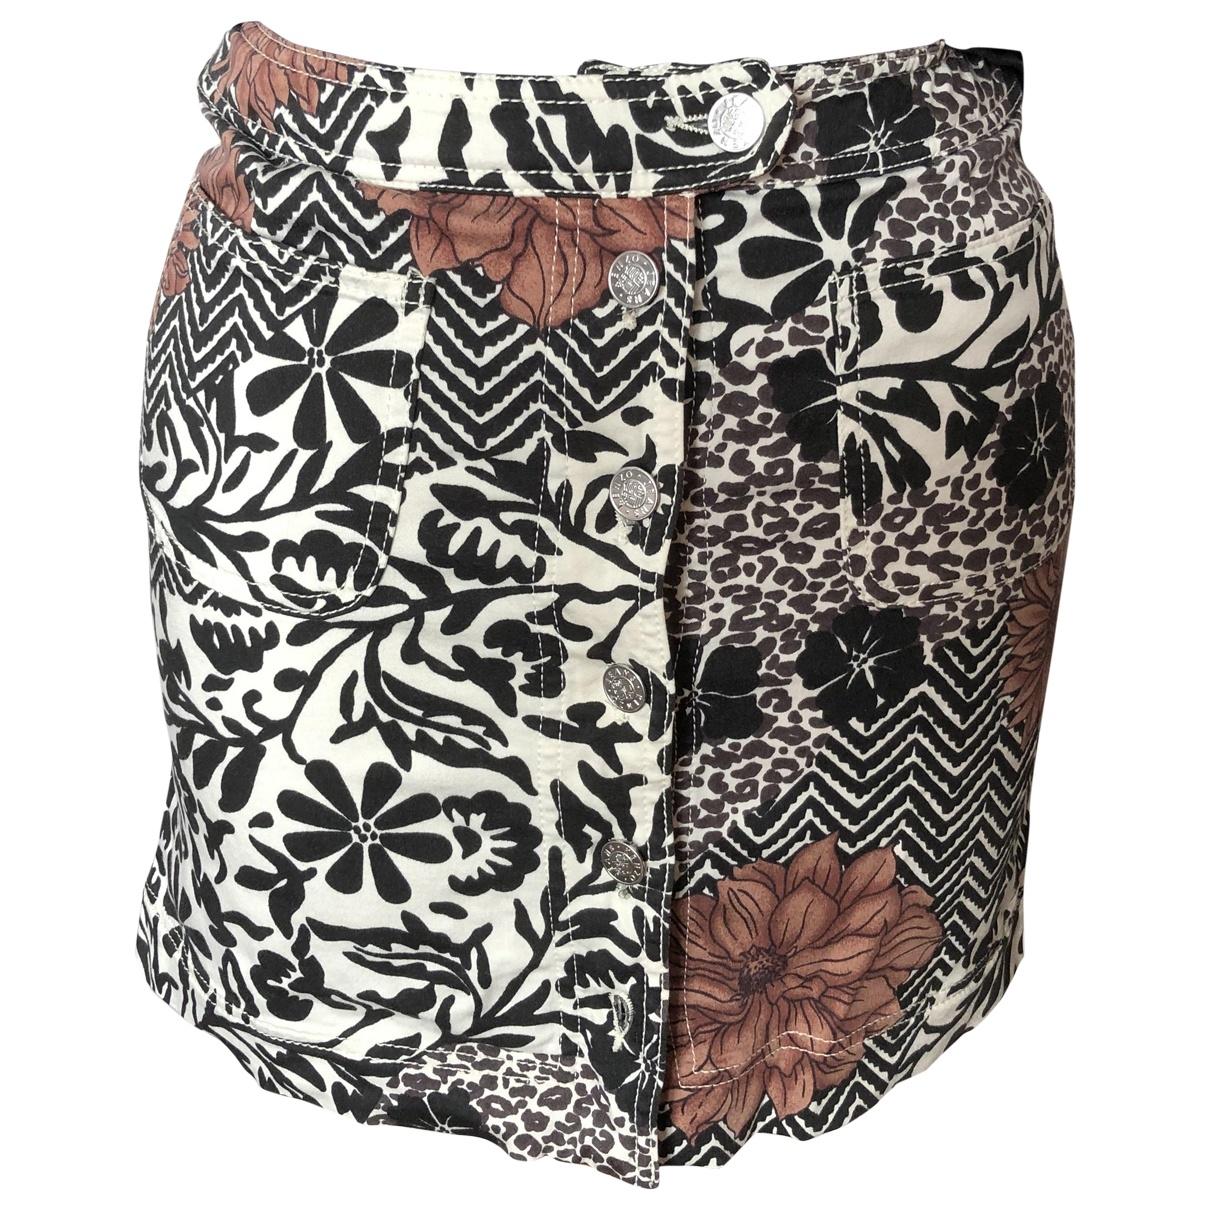 Kenzo \N Cotton - elasthane skirt for Women 36 FR